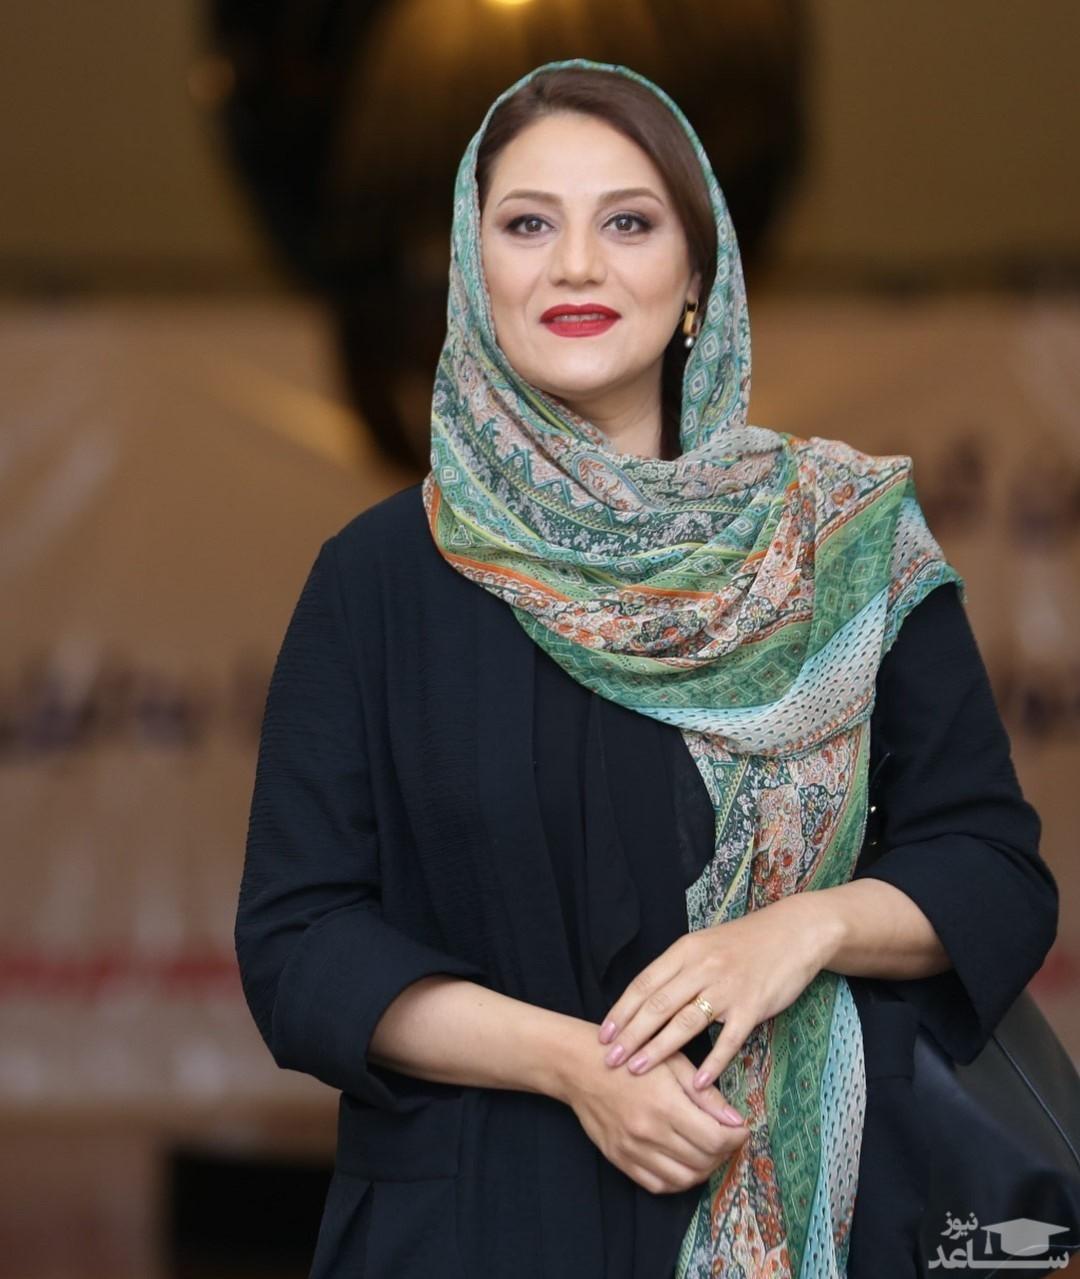 شبنم مقدمی در کنار دوستان بازیگرش